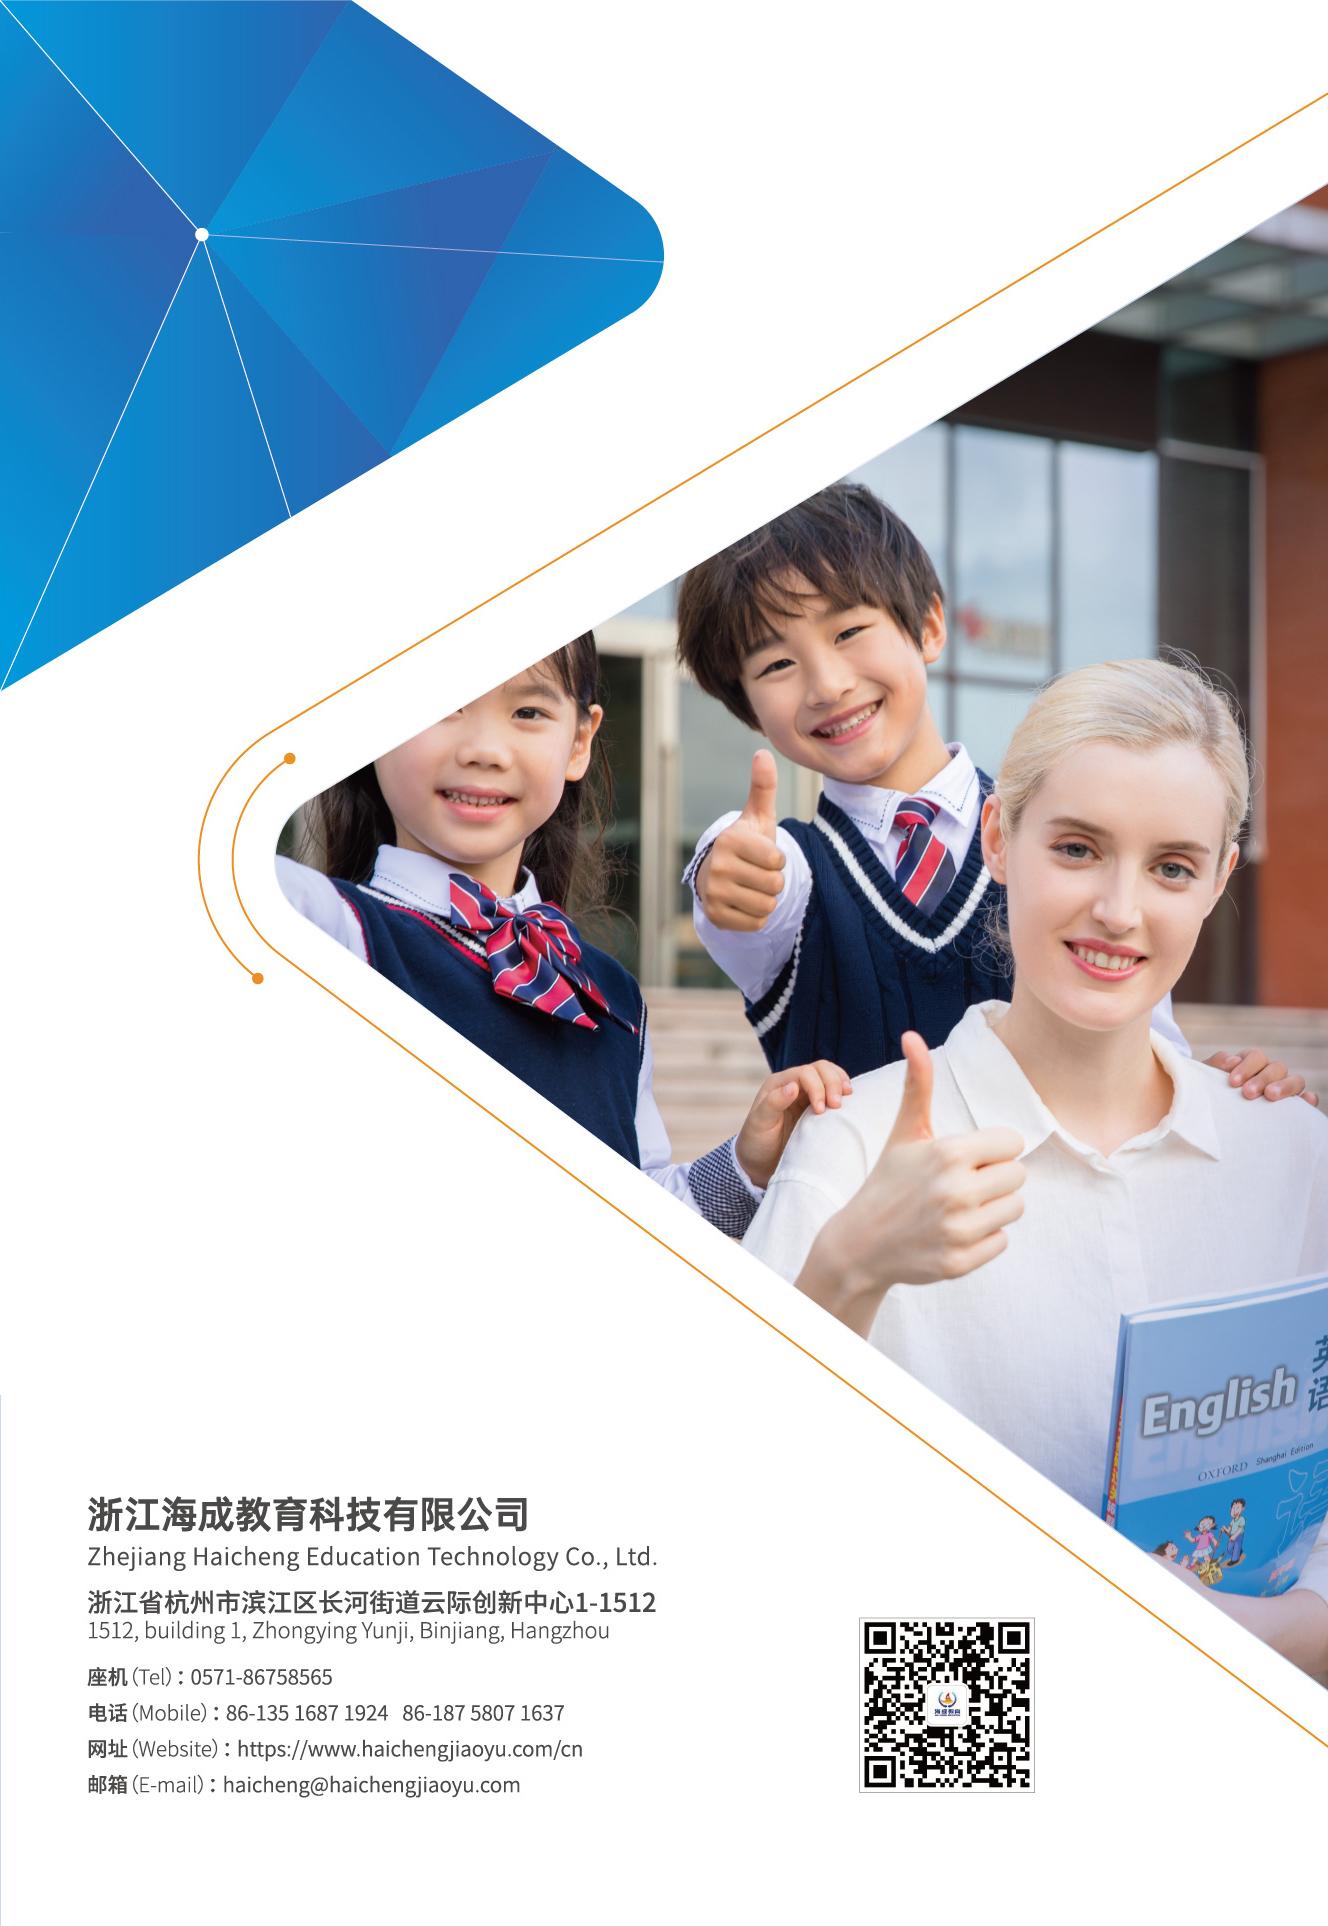 浙江海成教育——致力于全球教育国际化,做优质人才的搬运工